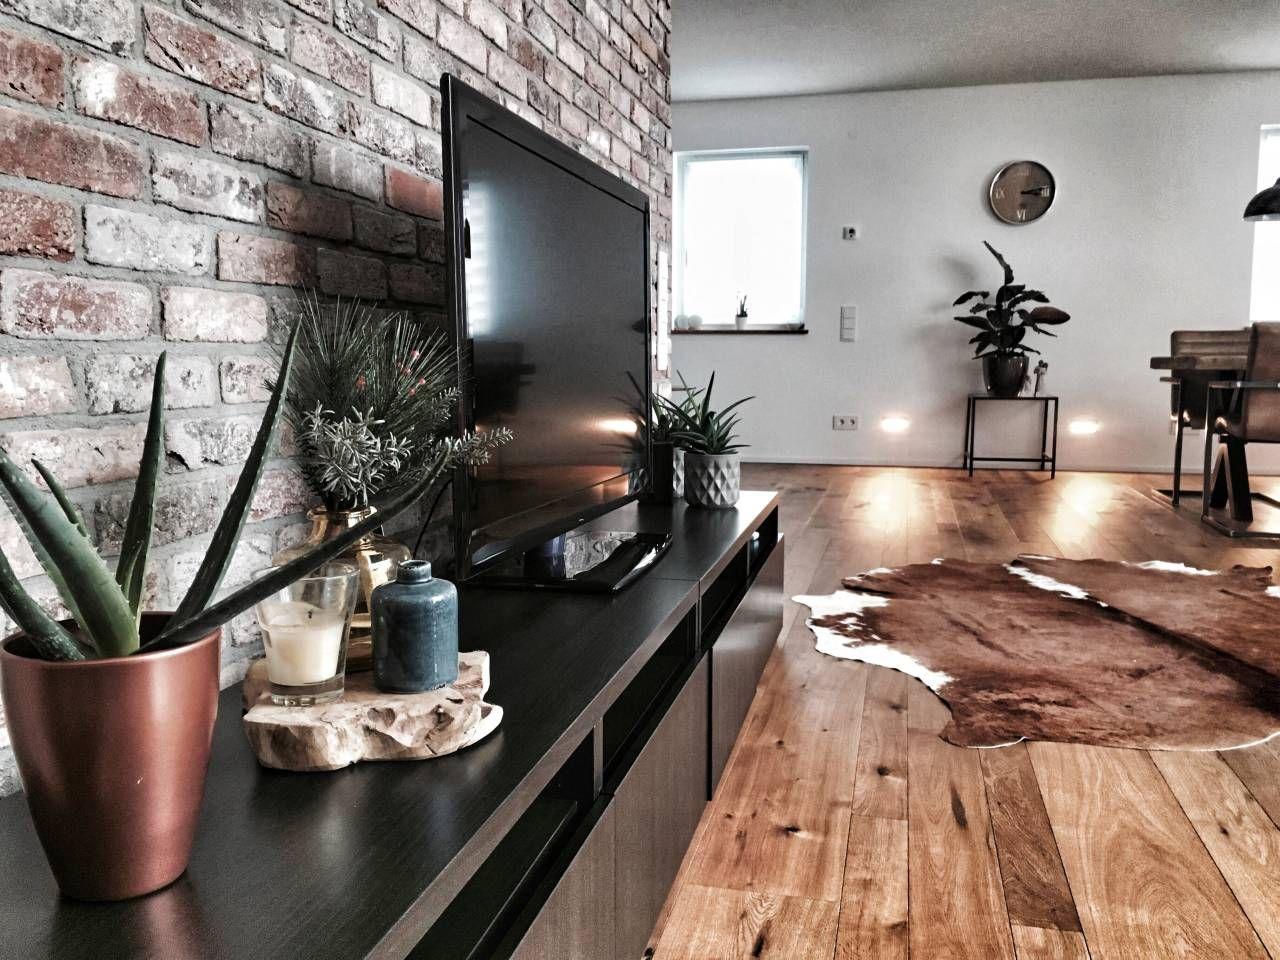 Wohnzimmerwand, TV-Wand, Antik- und Retro-Design, Klinkerriemchen